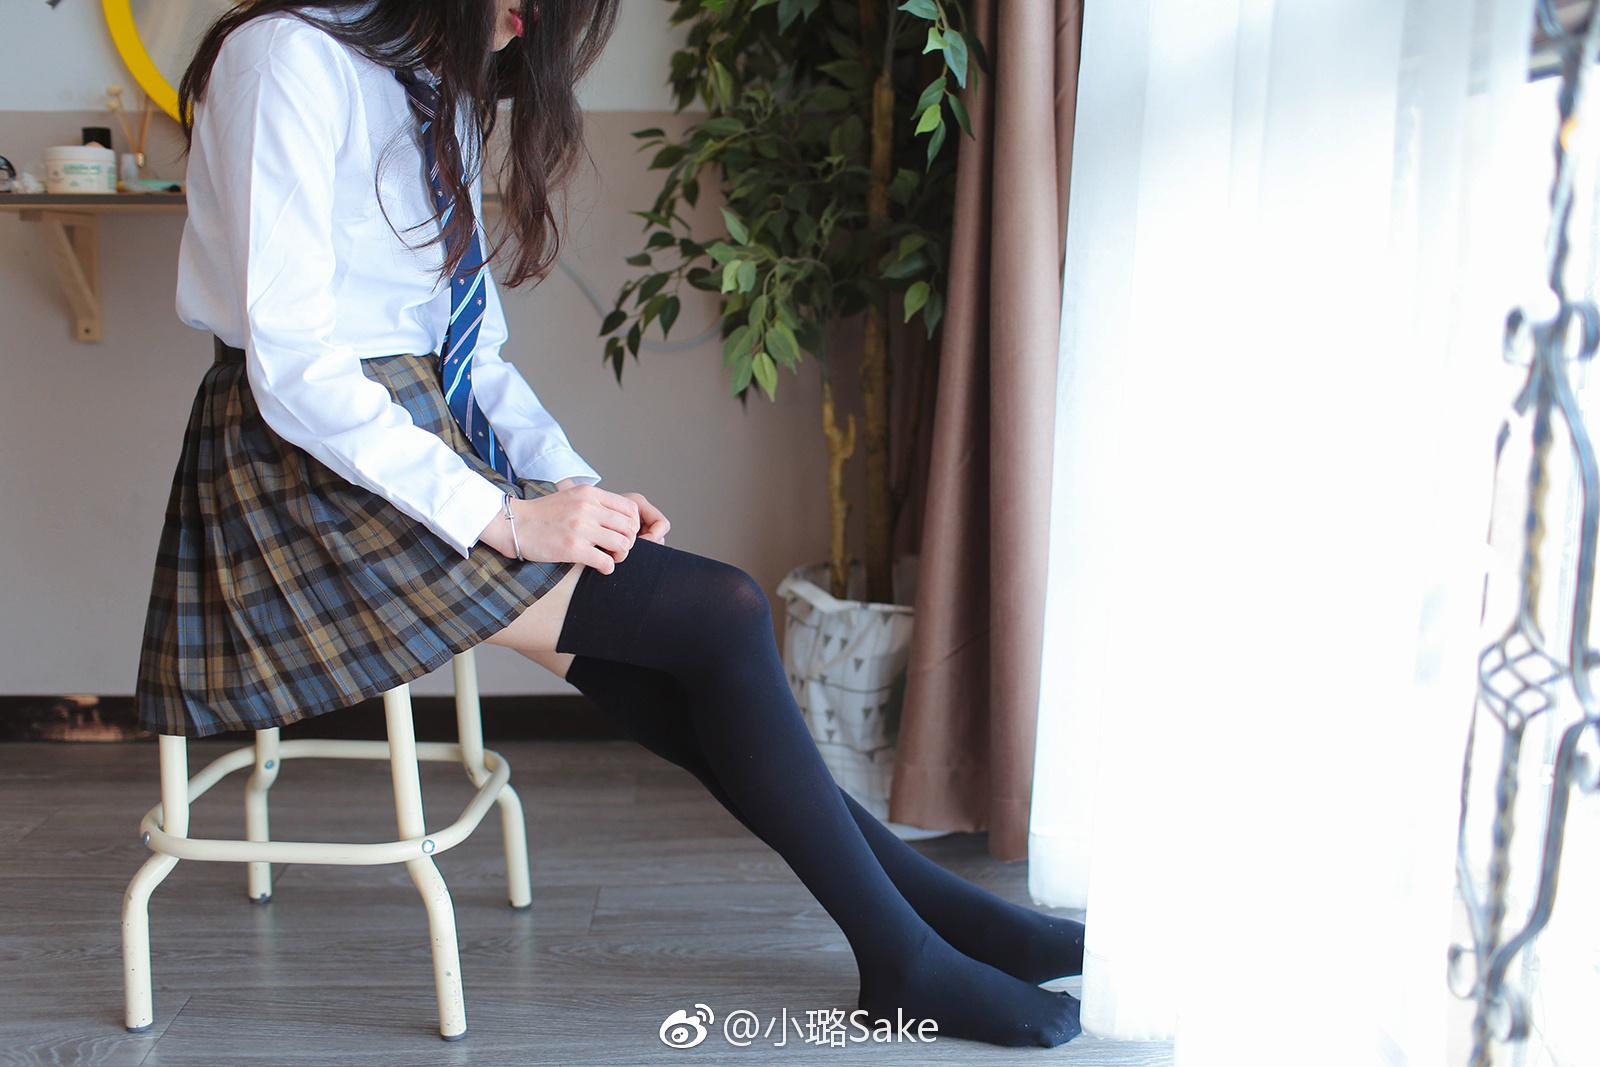 三角裤和丝袜的学生妹诱惑。